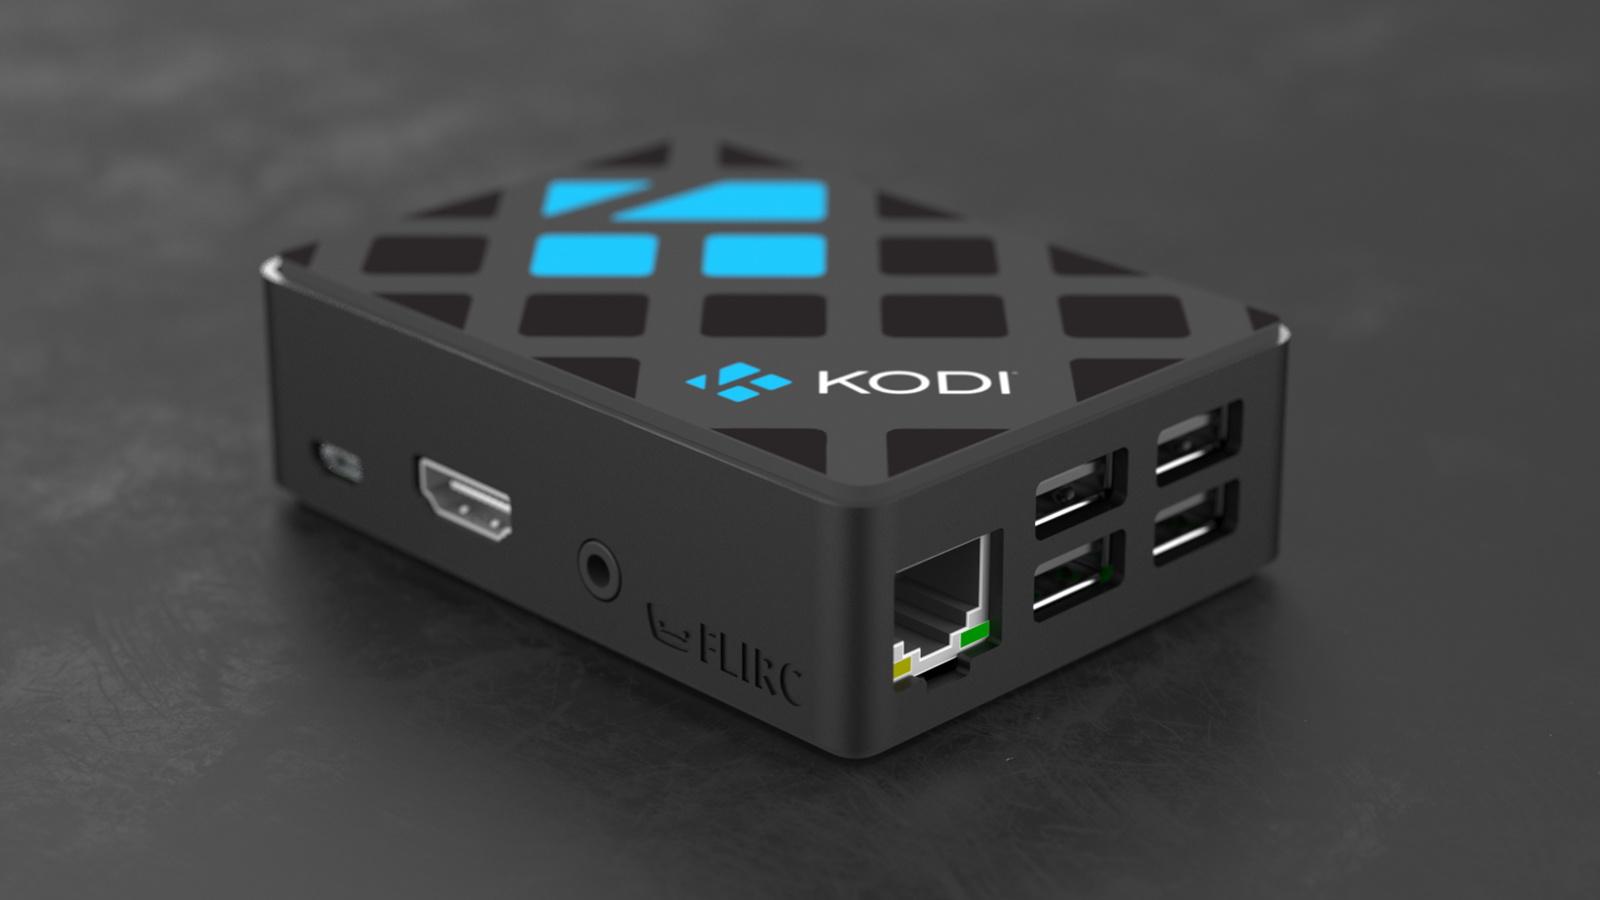 Kodi Edition Raspberry Pi Case (v2)